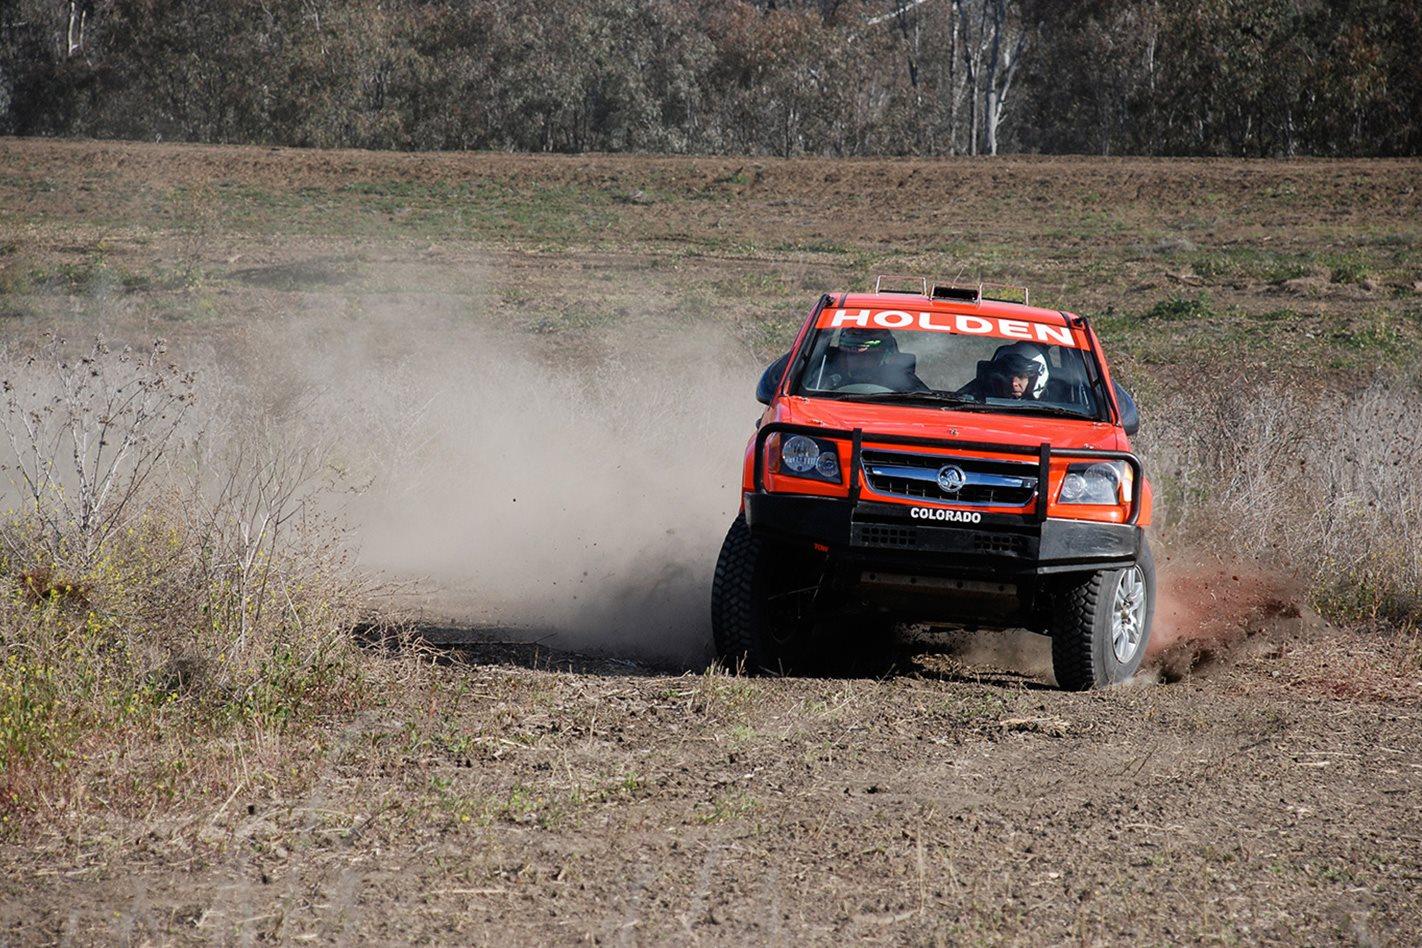 Holden-Rally-Team-Colorado-V8-custom-offroading.jpg